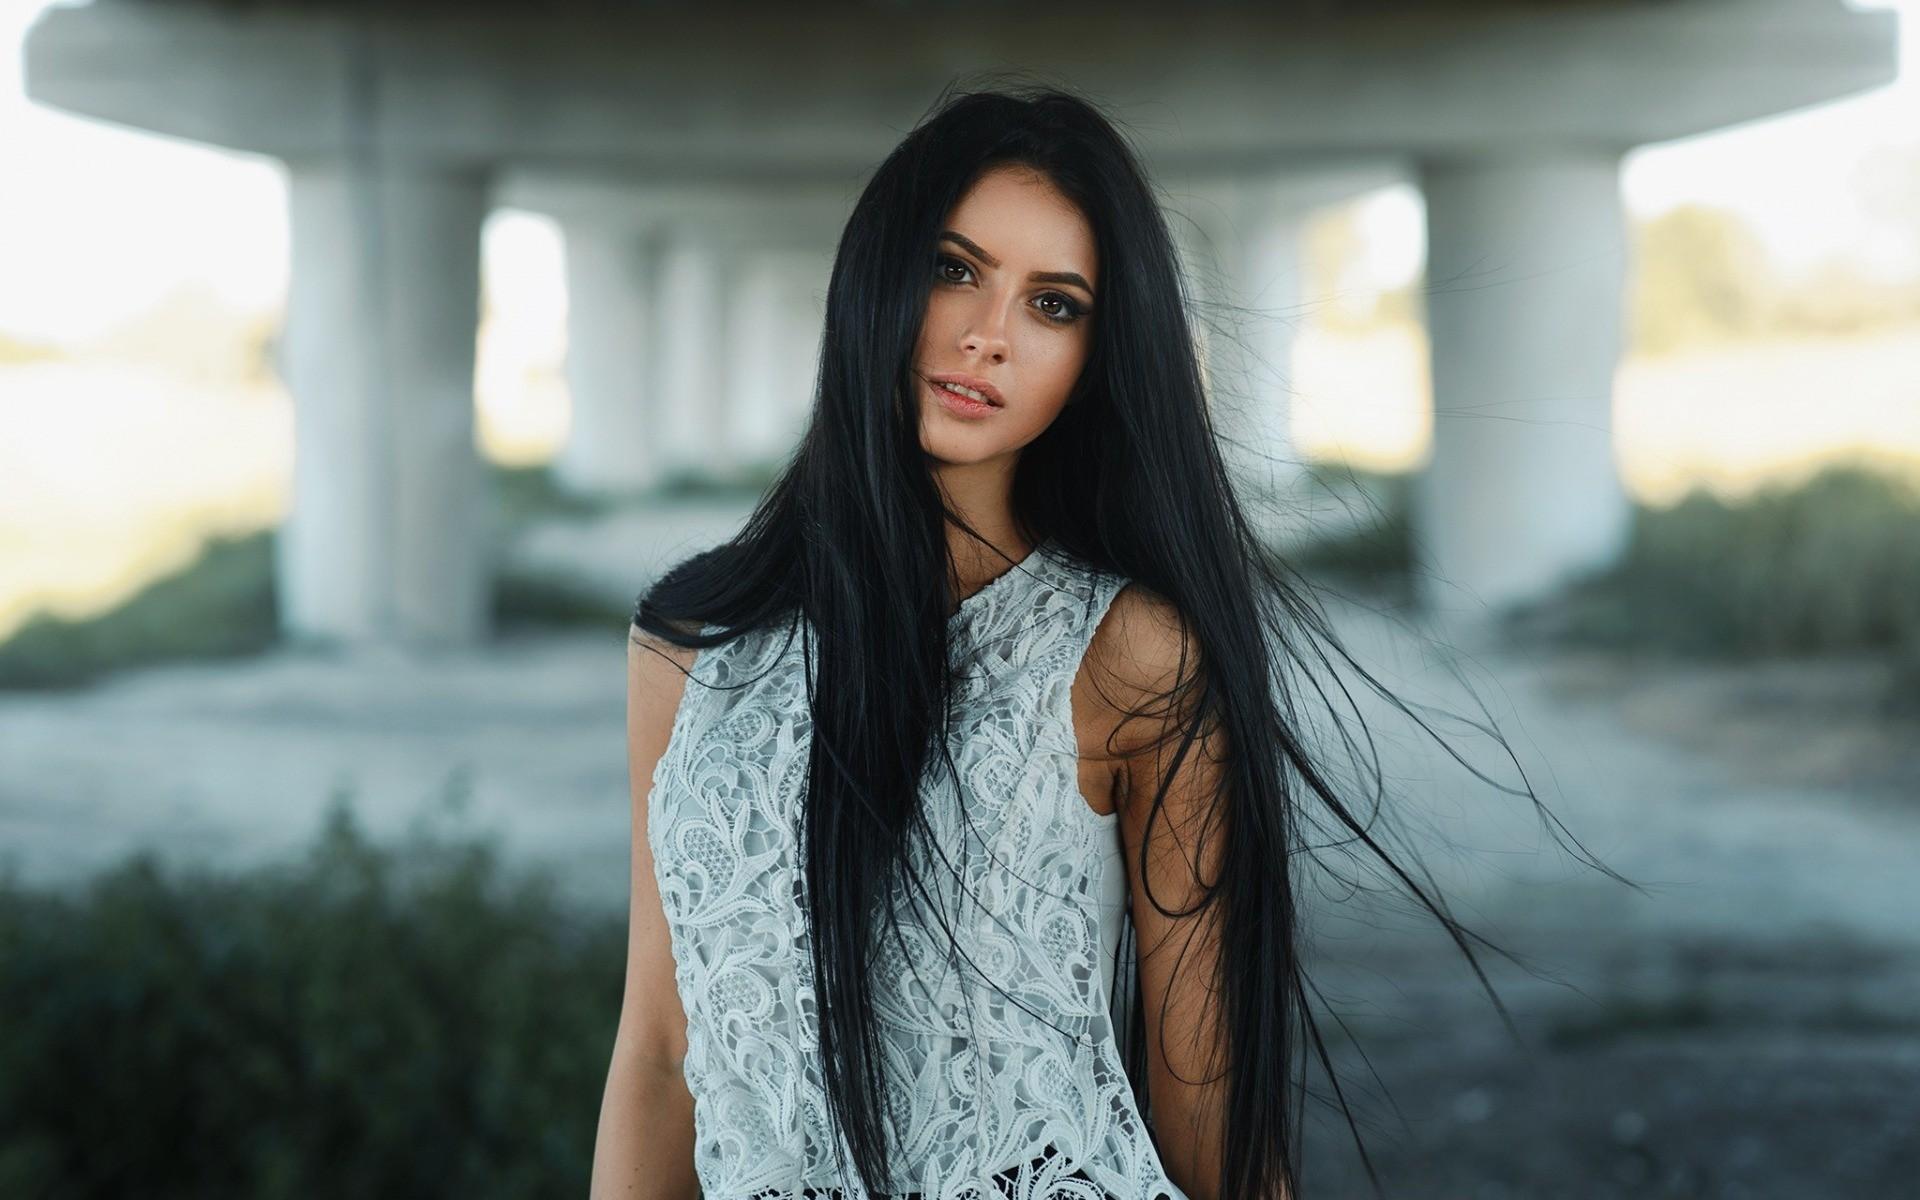 Sfondi : donne all'aperto, modello, capelli lisci, capelli ...